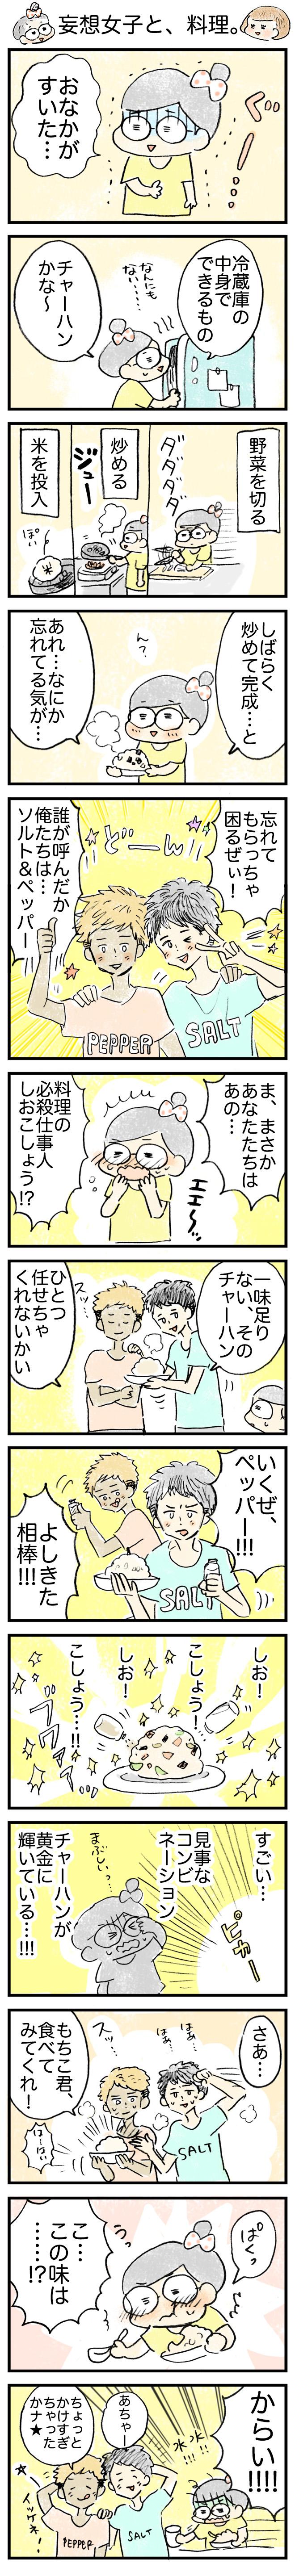 【漫画】妄想女子と、料理。『もちことのんこ』第9回 作:おづまりこ